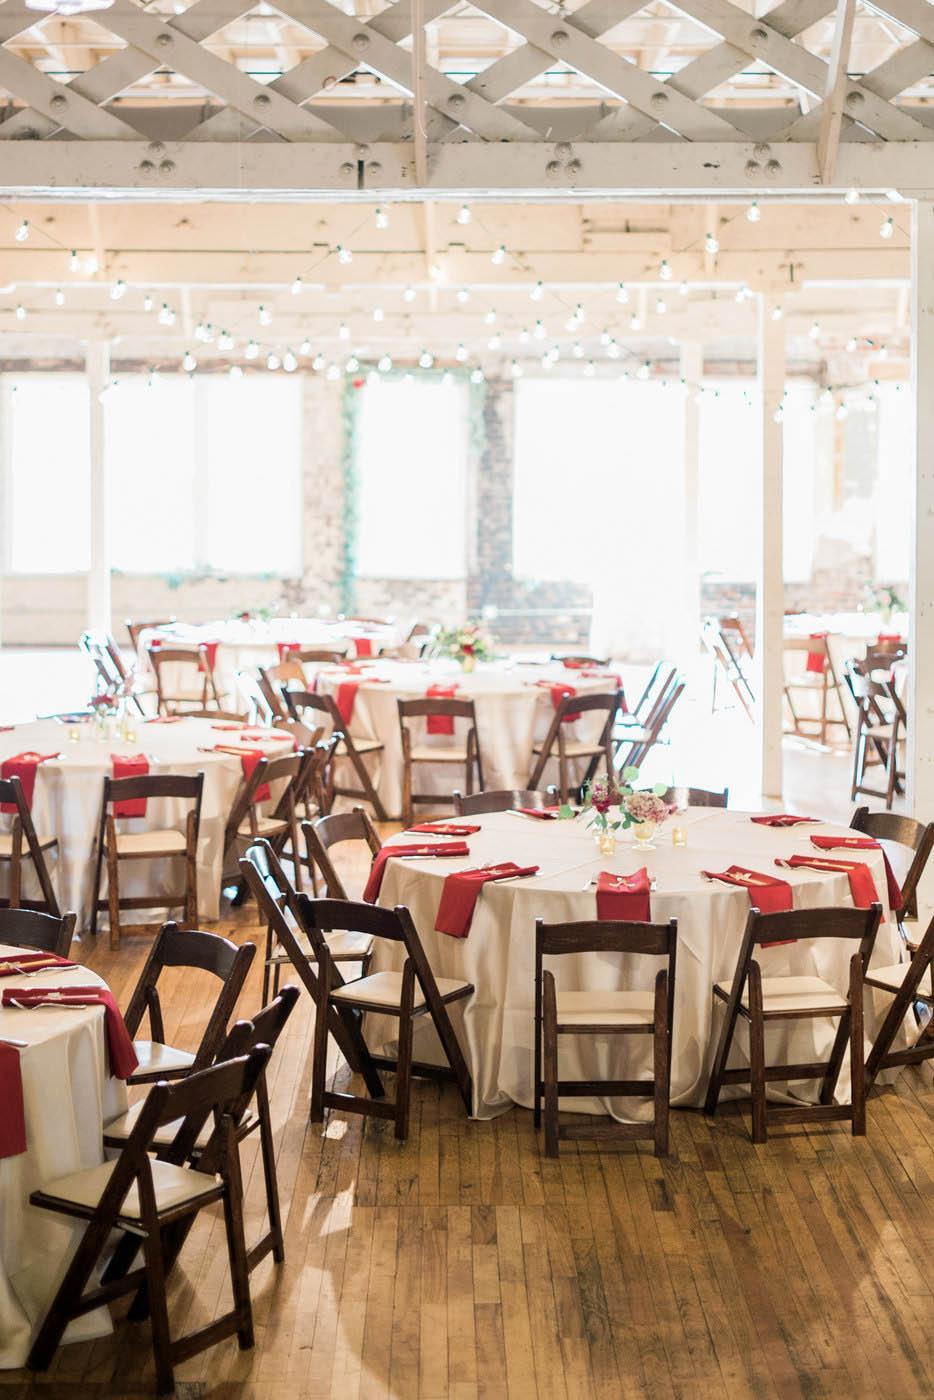 Stockroom at 230 wedding reception venue